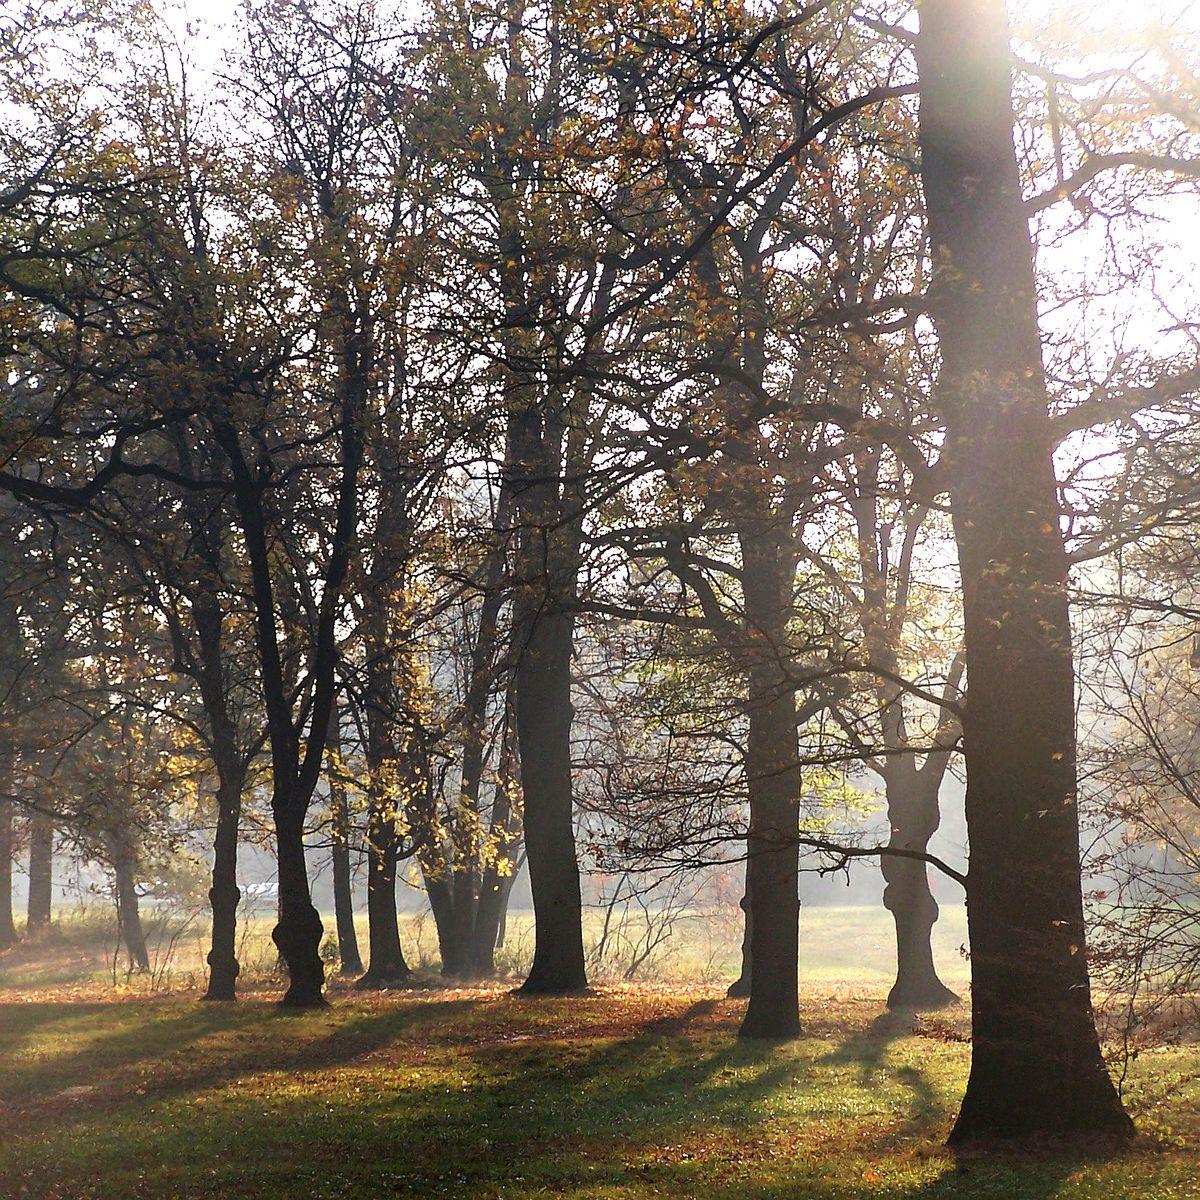 Internationaler Tag des Waldes 2018 - Bäume, Wälder und die Stadt